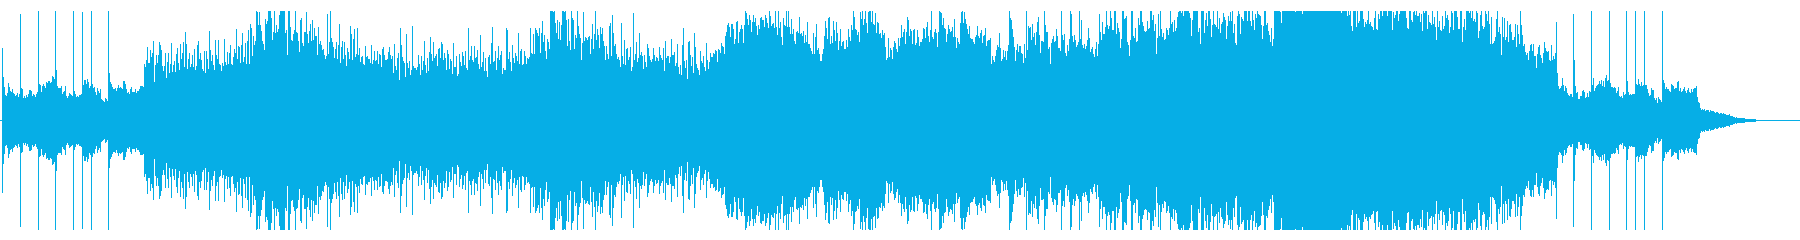 クラシック風のポップスですの再生済みの波形